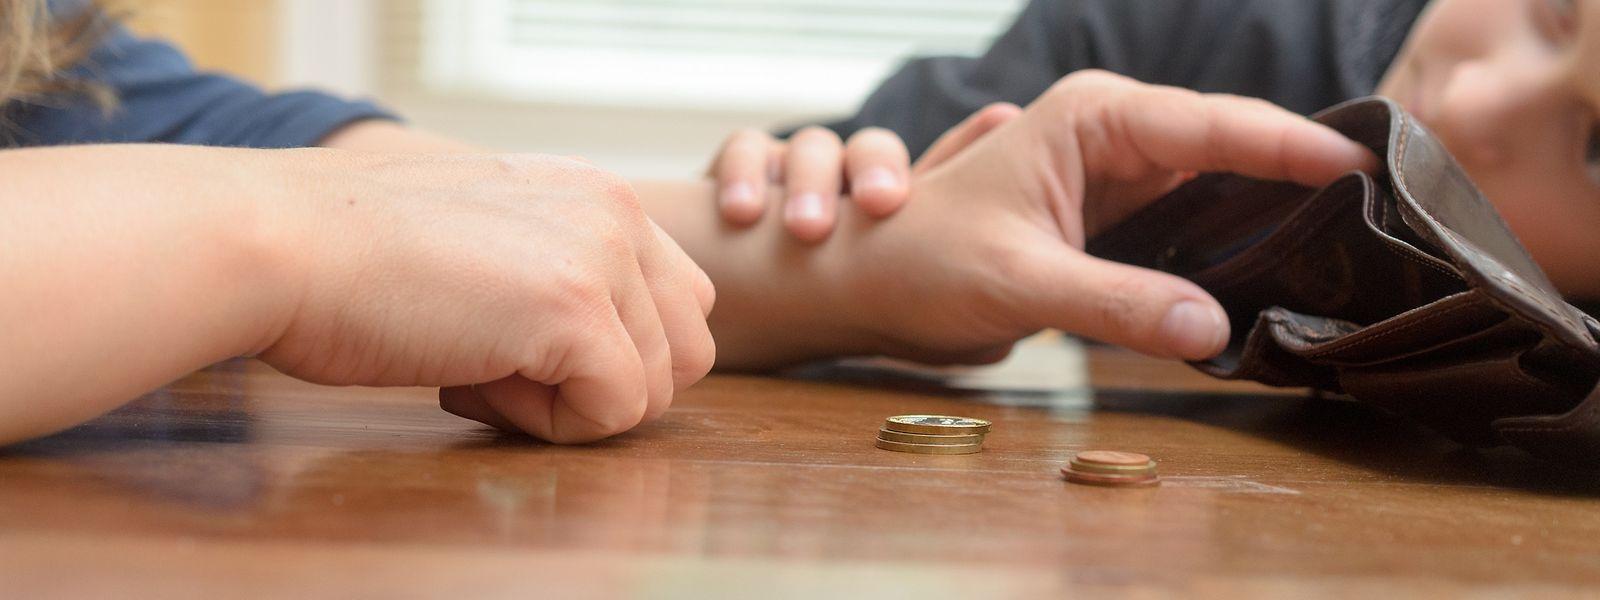 Luxemburg hat mit einer Armutsrate von 41,3 Prozent bei Alleinerziehenden die dritthöchste Armutsrate in der Eurozone und liegt damit hinter Malta und Litauen.